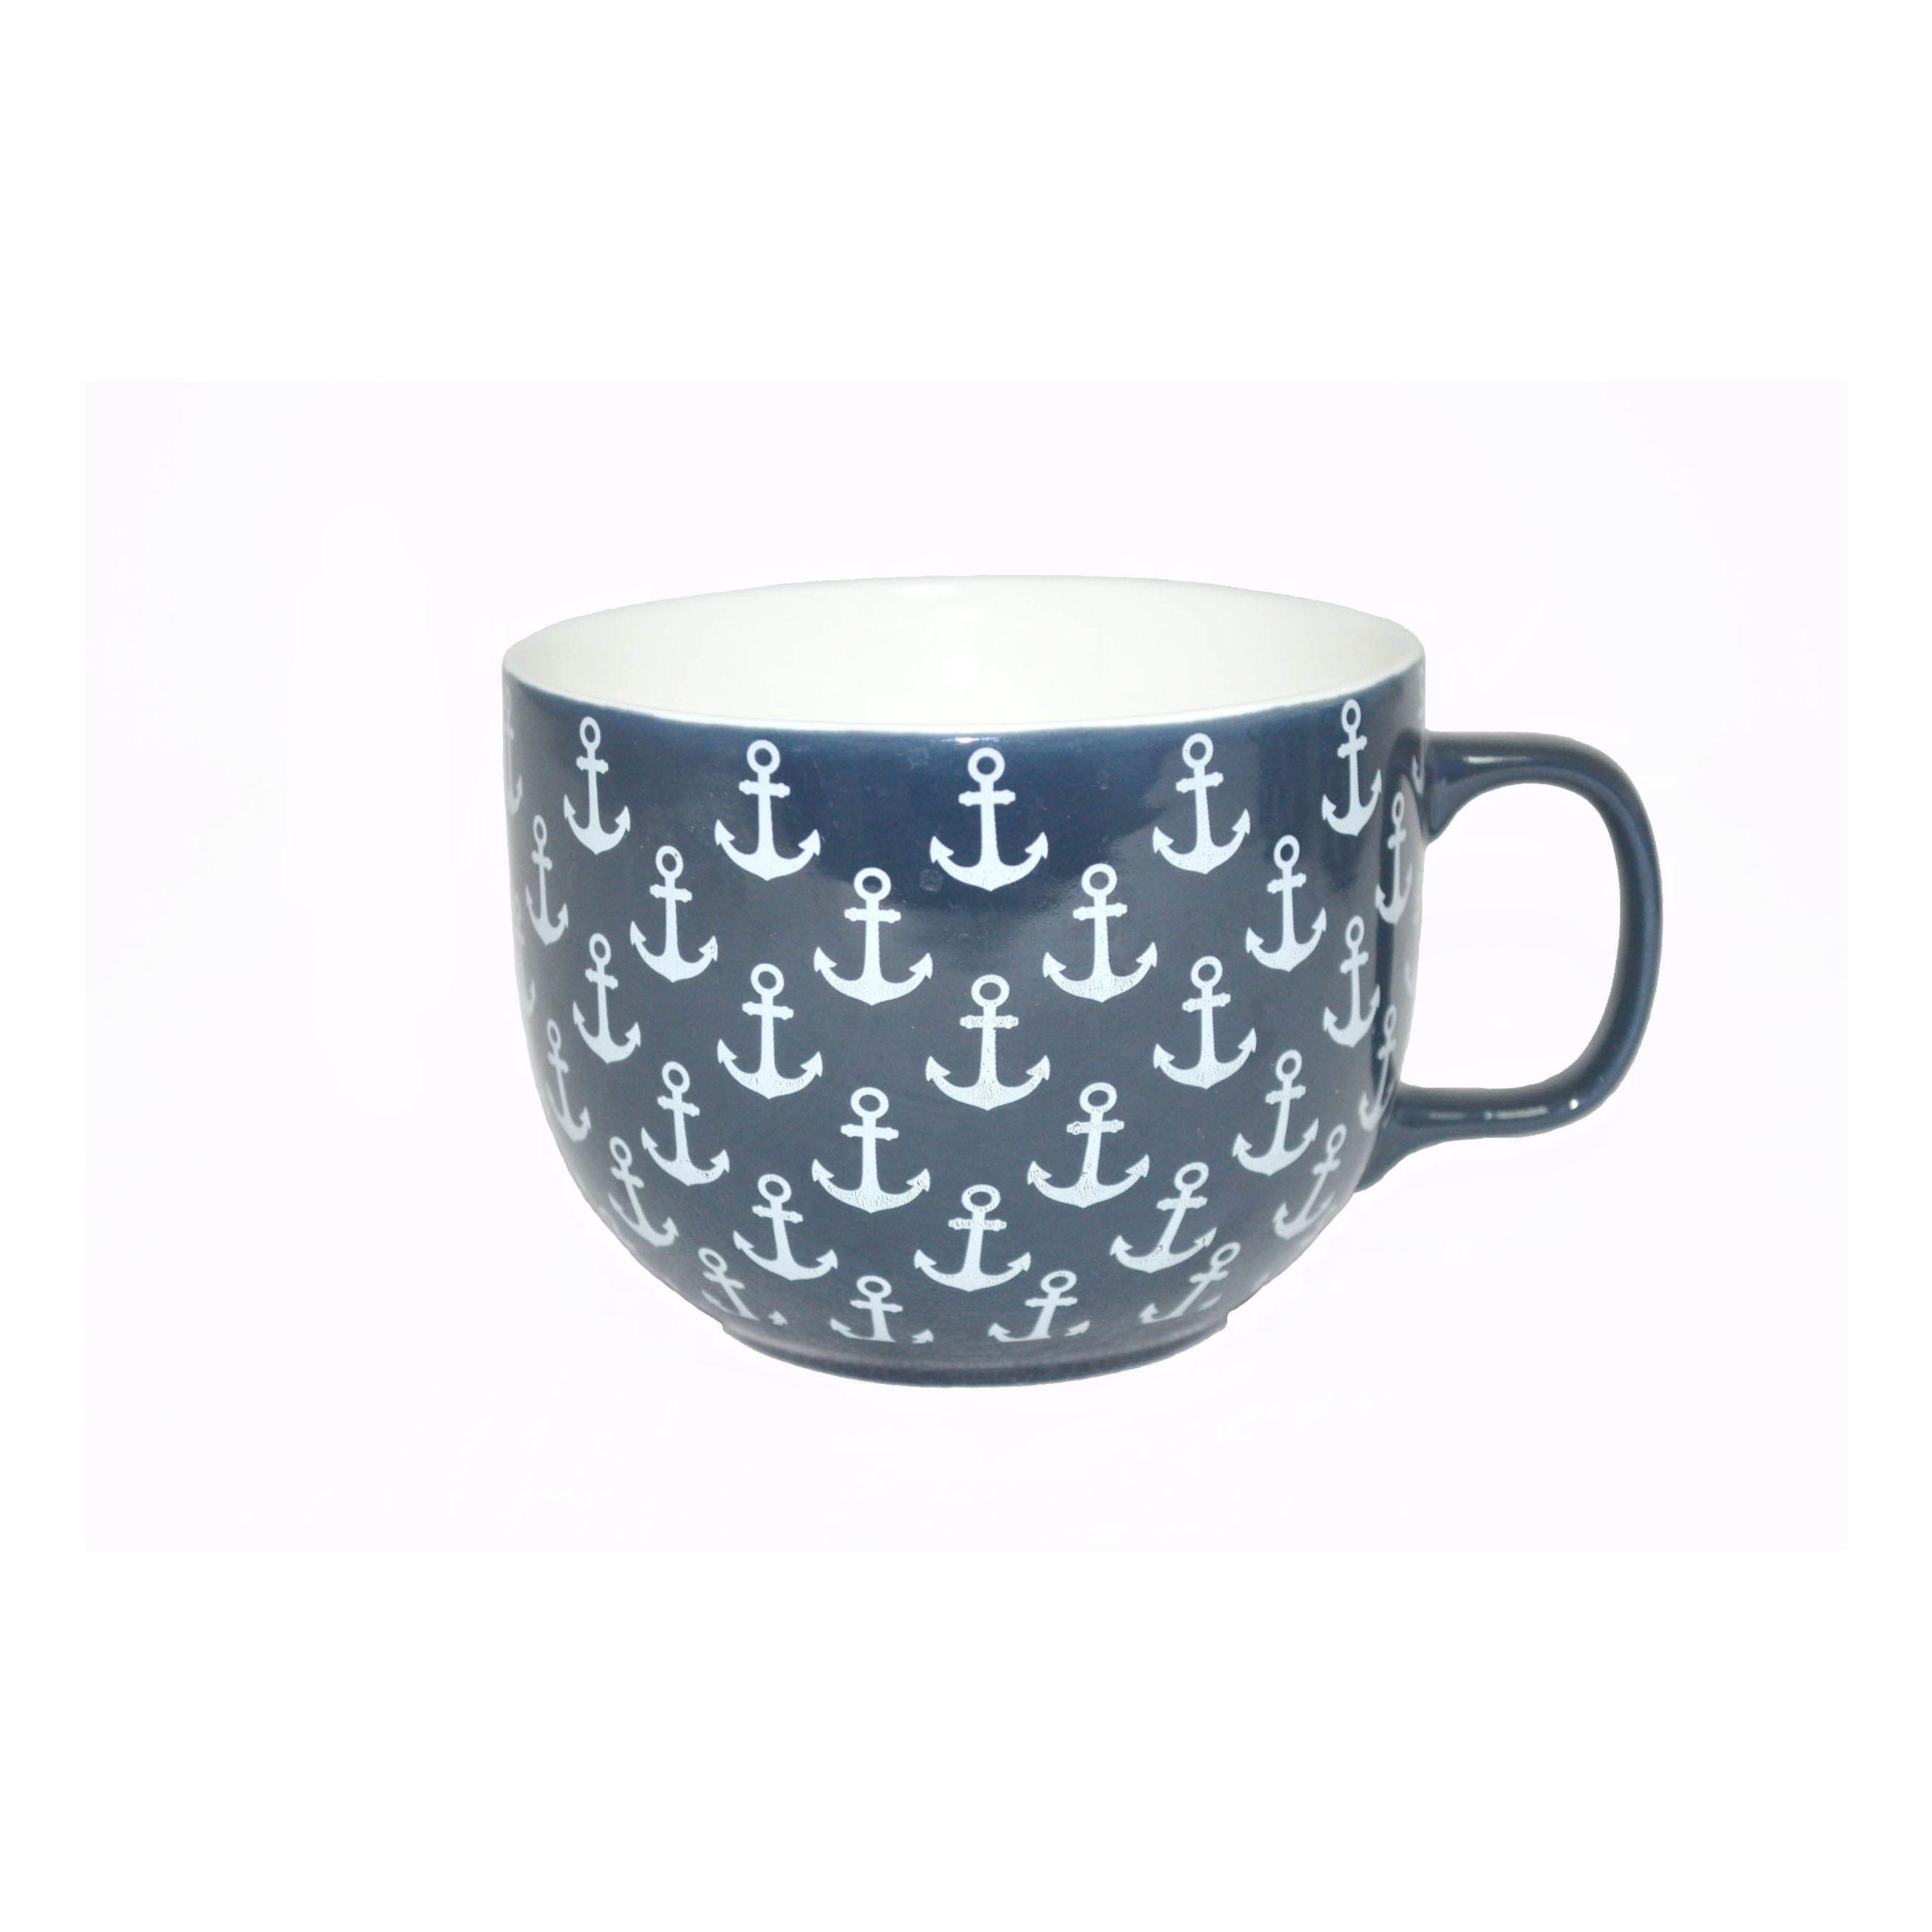 Бульонница фарф 450мл Гавань ТМ RainbowБульонница Гавань ТМ Рейнбоу представляет собой классическую чашку для сервировки жидких продуктов. Она имеет оптимальный объем для подачи супов, напитков и десертов. Модель выполнена из высококачественного и прочного фарфора, который изготавливается по современной технологии без использования свинца и прочих токсичных веществ. Ее можно мыть в посудомоечной машине с остальной посудой. Элегантный классический принт выполнен новейшим методом нанесения, поэтому не стирается и не выцветает даже после регулярного использования. Бульонница Гавань подходит для дома, а также для кафе и прочих мест общественного питания.<br>